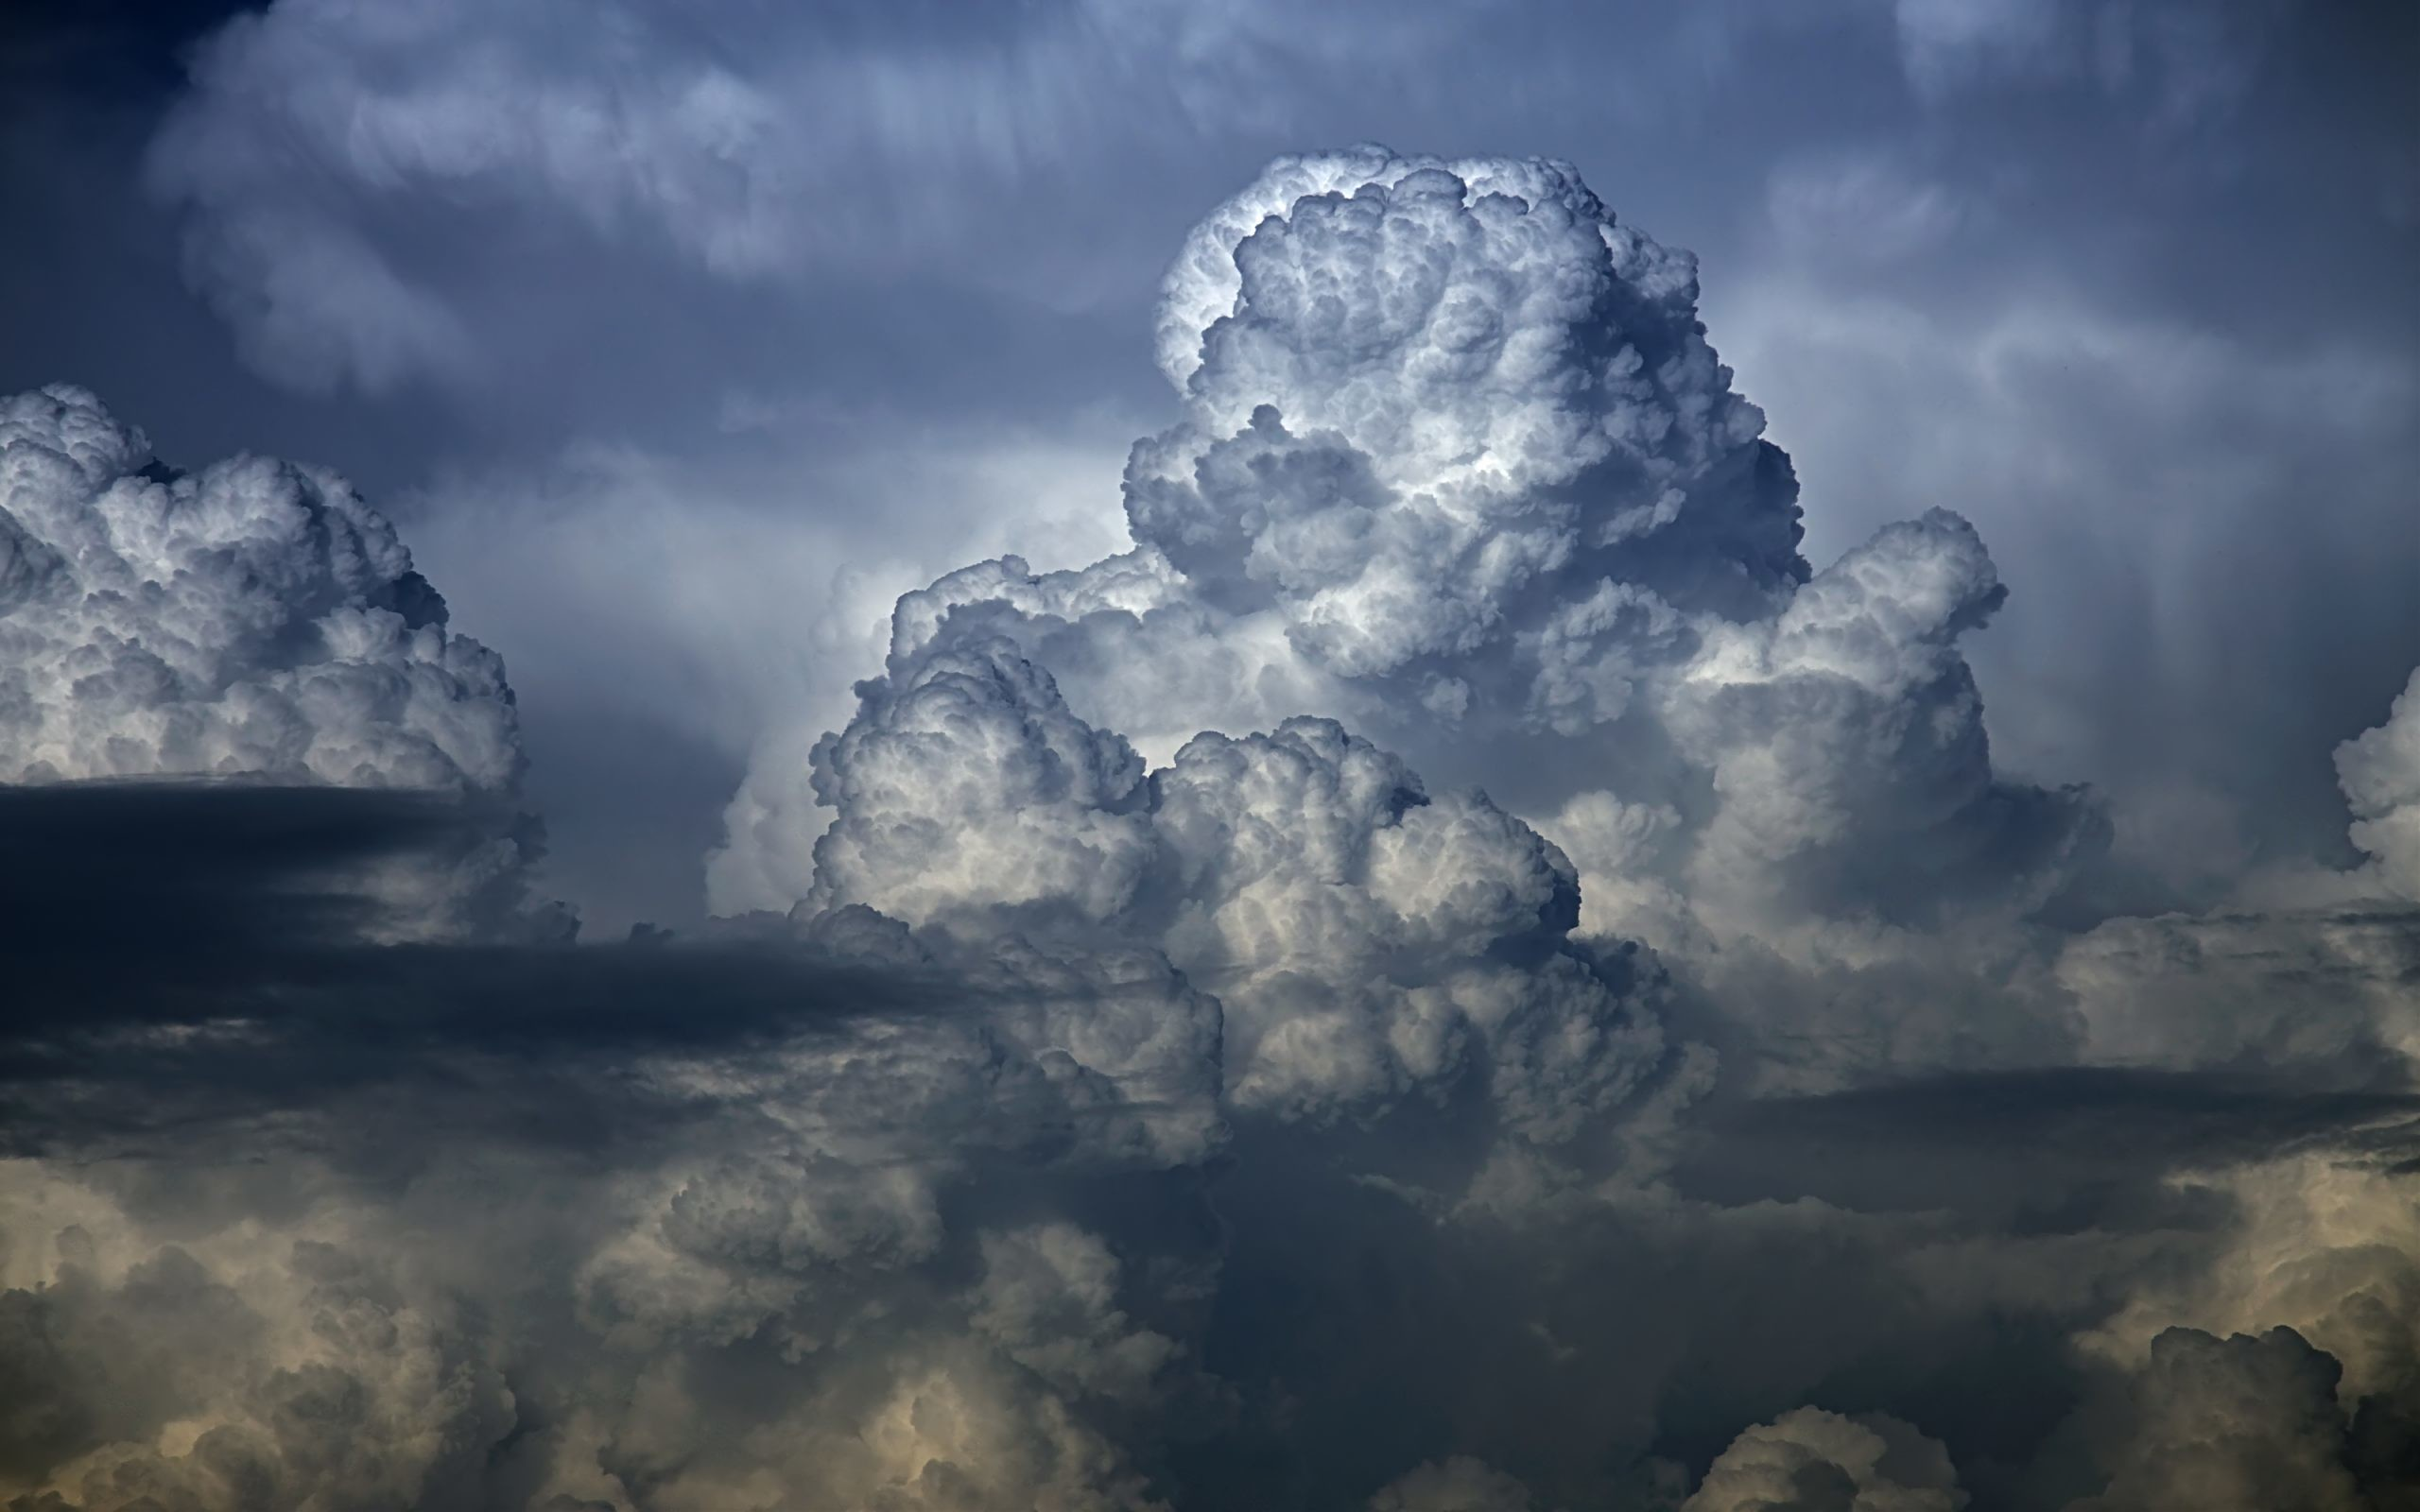 Res: 2560x1600, Rain Cloud Wallpaper free download.